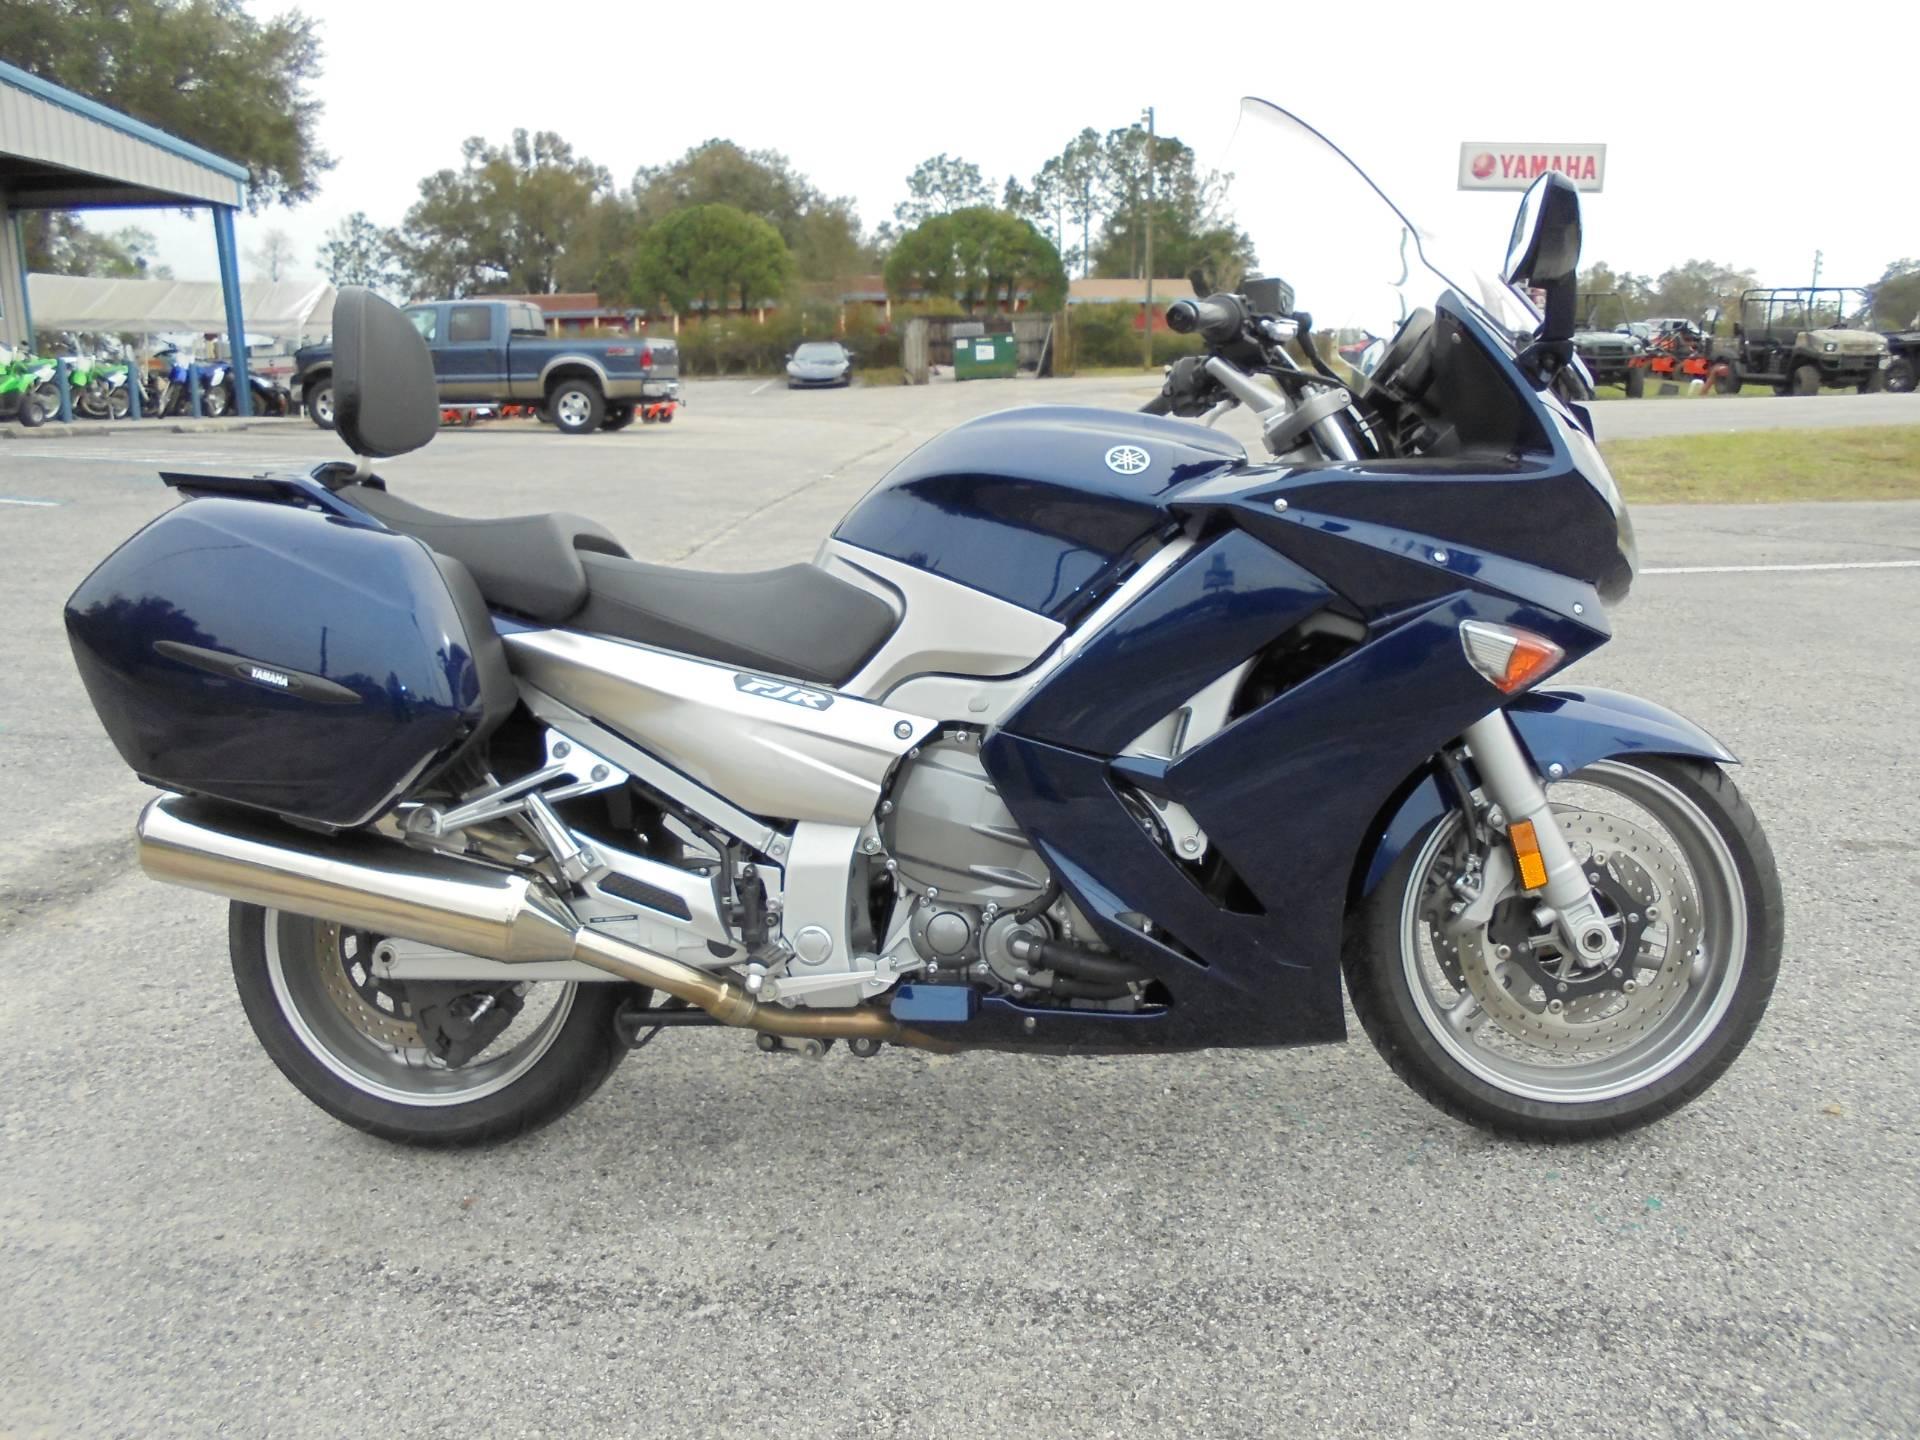 2012 Yamaha FJR1300A for sale 77657